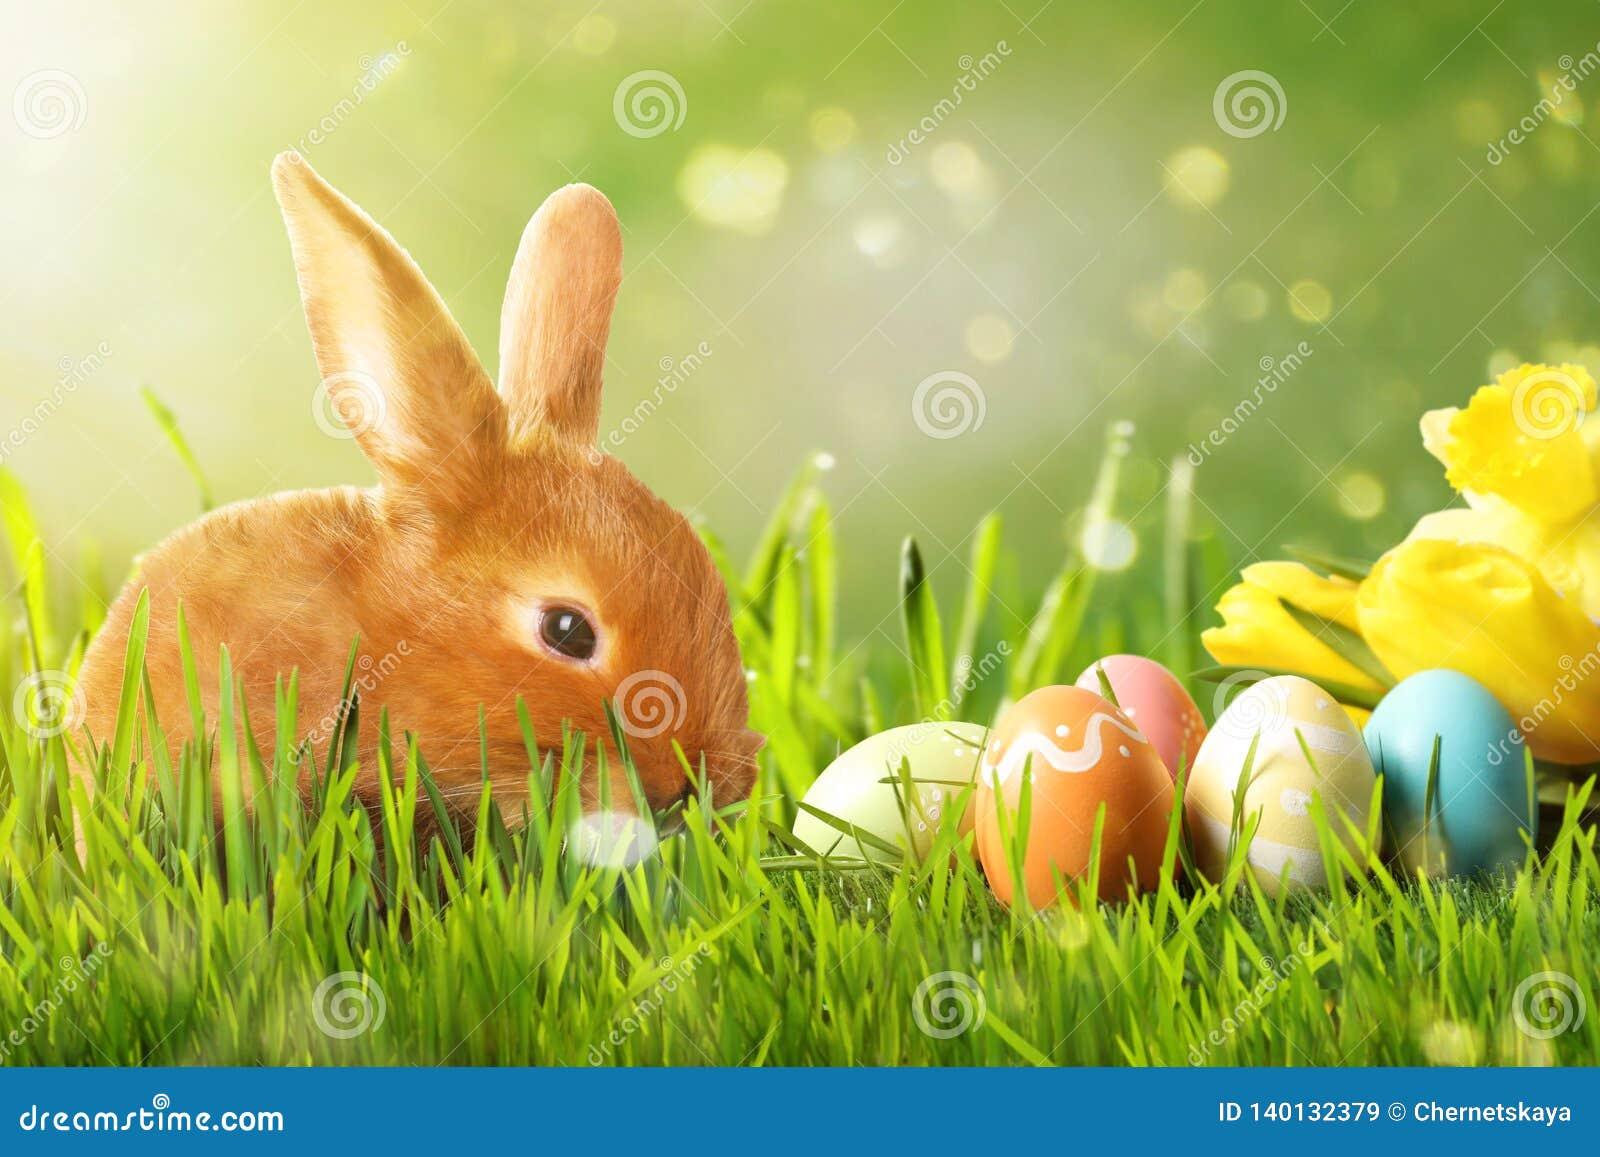 可爱的复活节兔子和五颜六色的鸡蛋在绿草